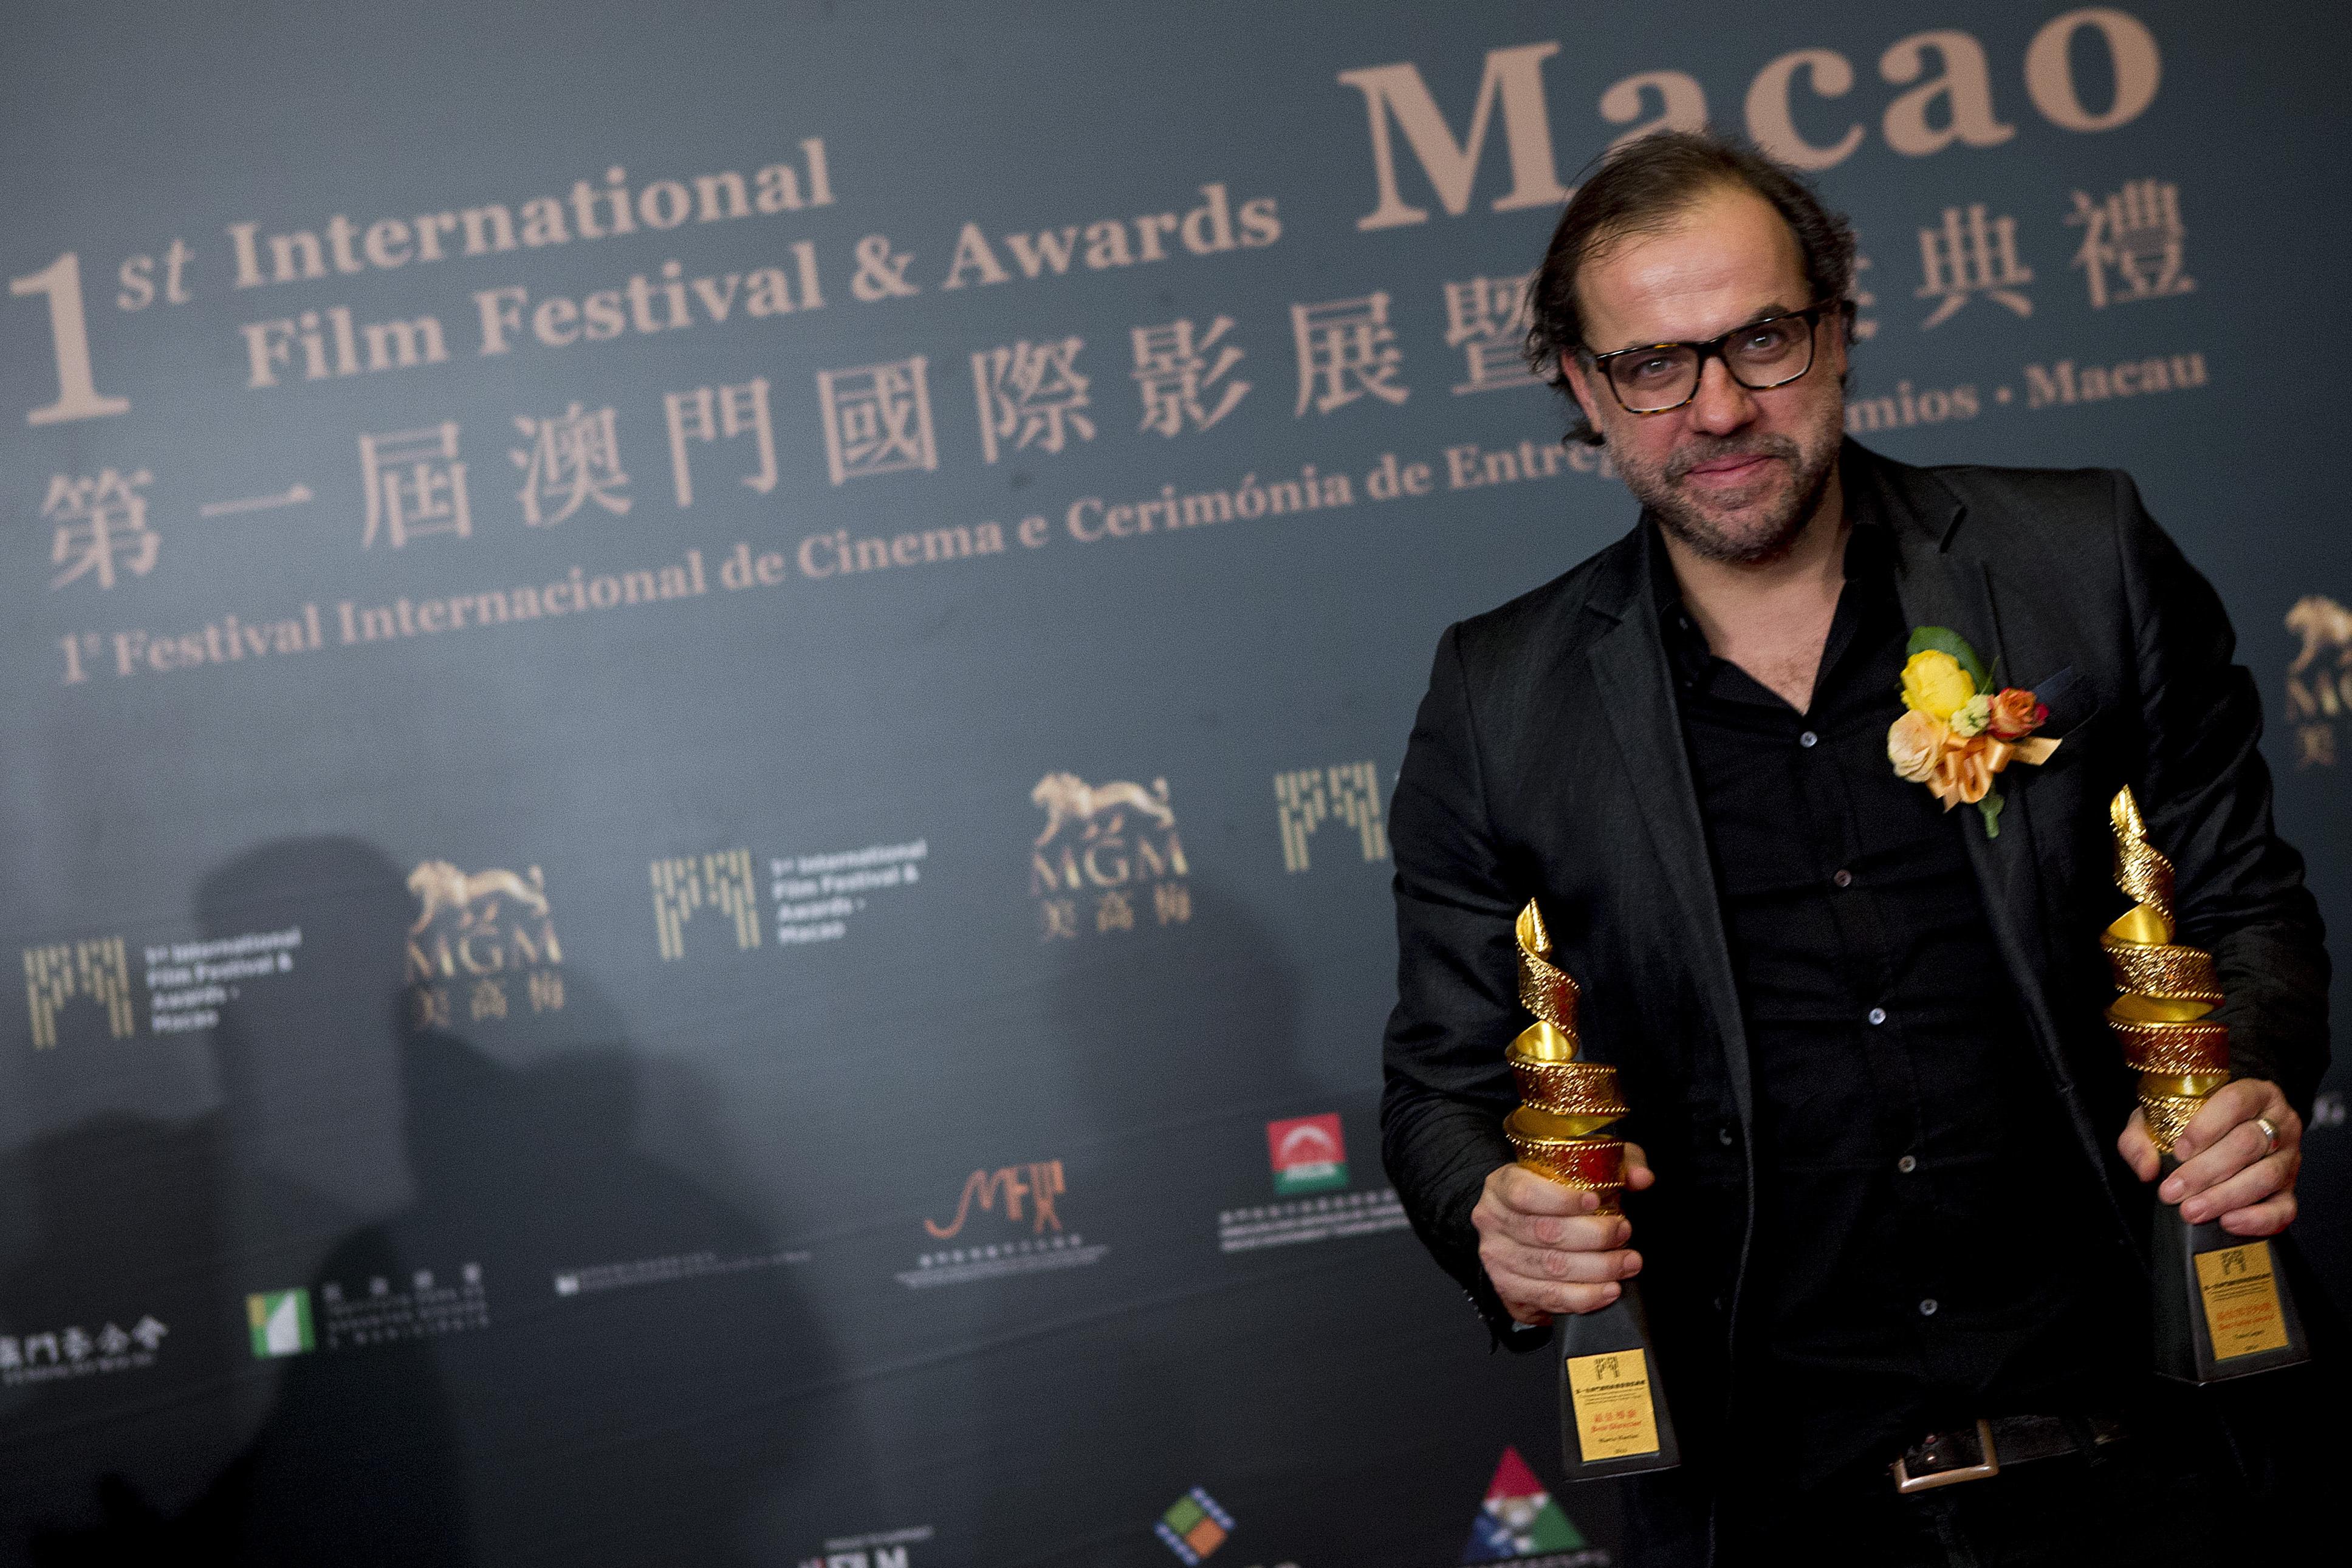 Filmes de realizadores portugueses recebem financiamento do fundo Eurimages